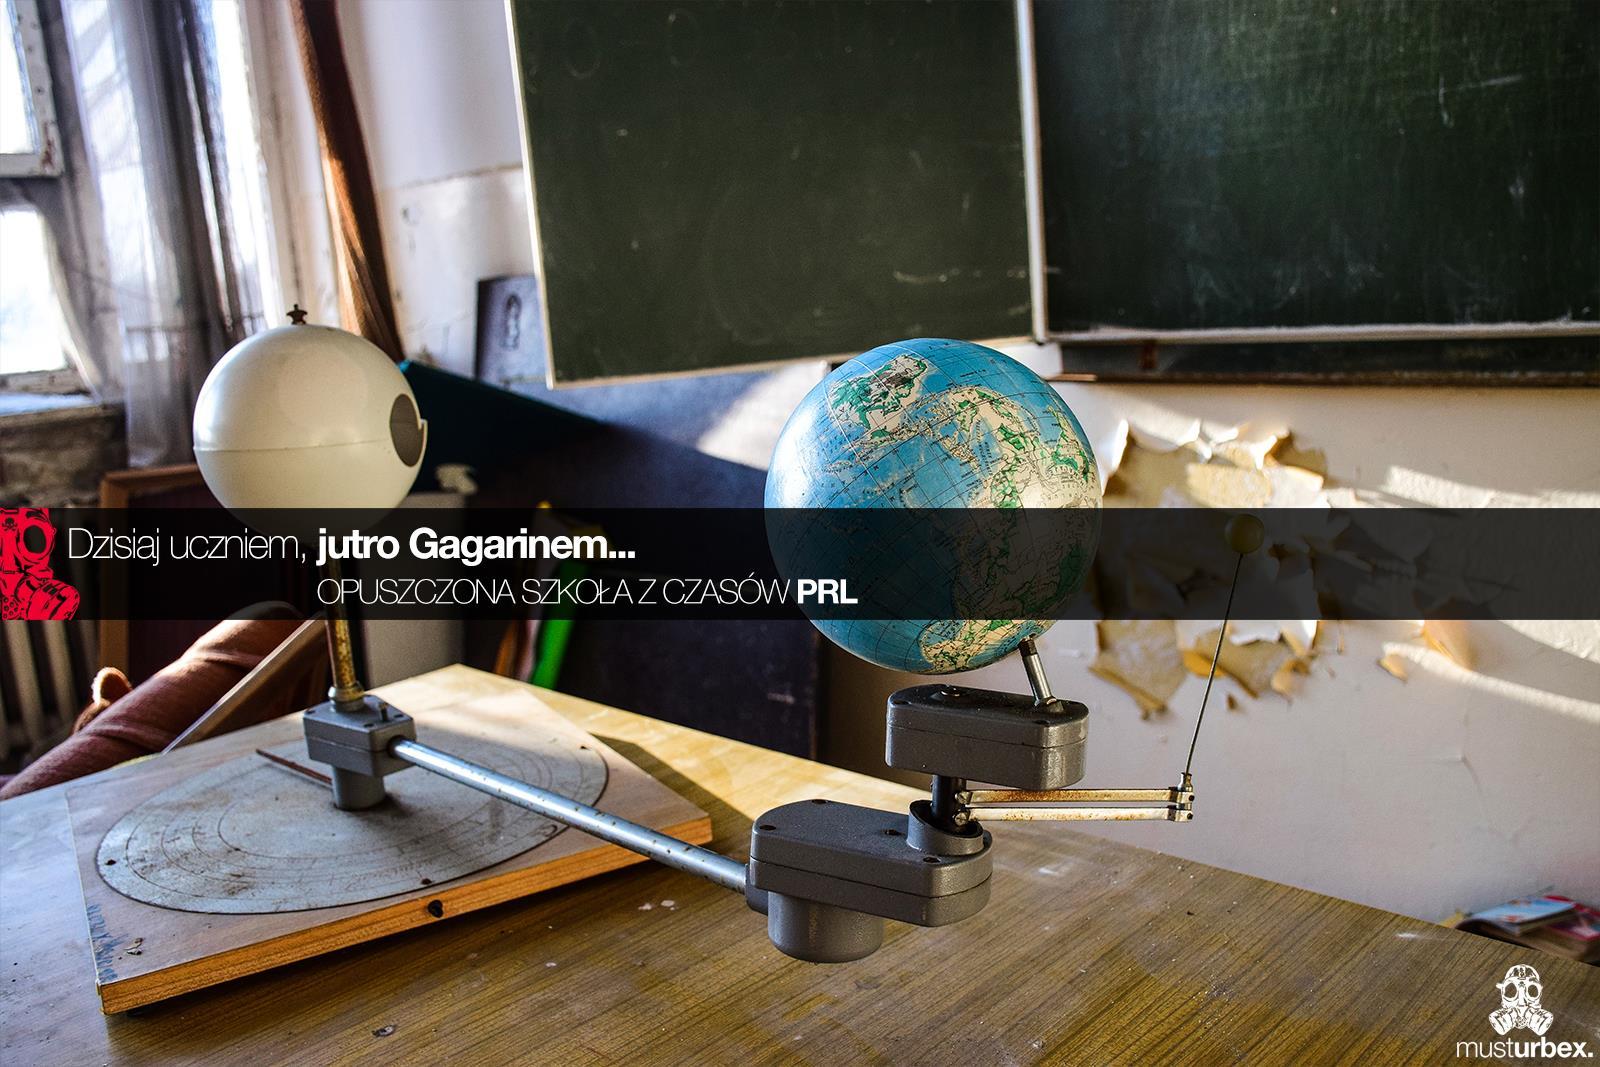 Urbex - Opuszczona szkoła z czasów PRL